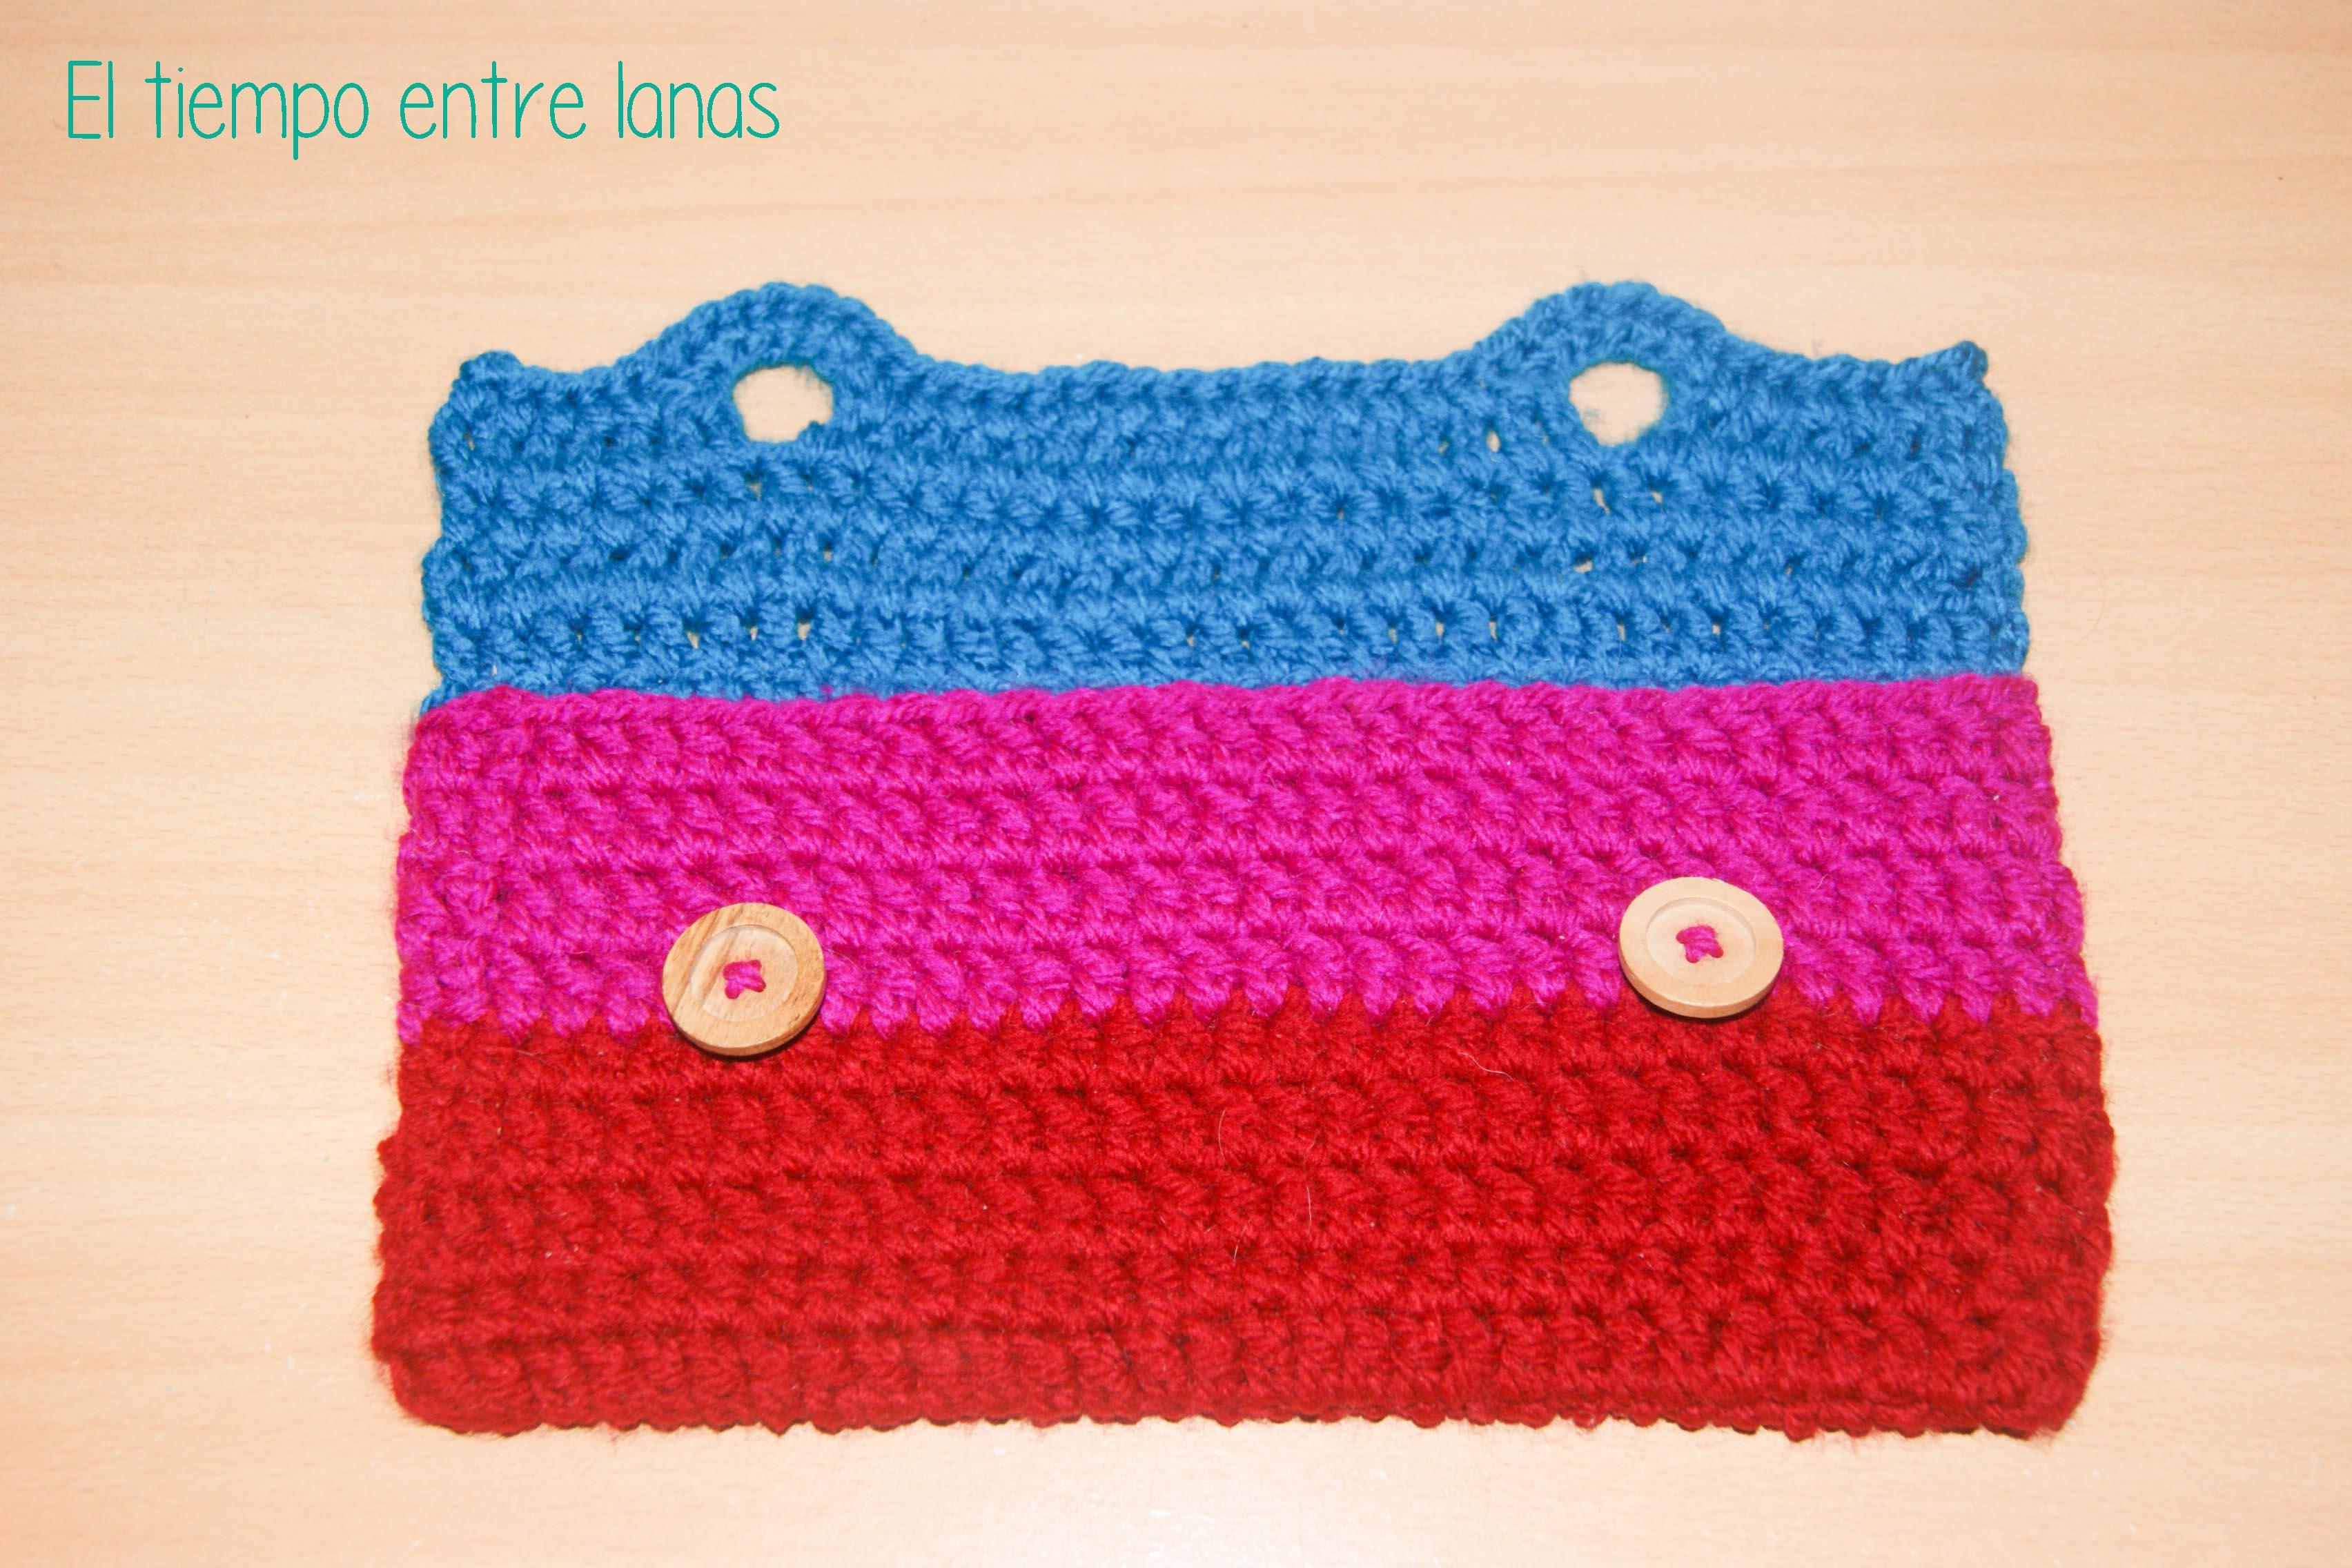 crochet – El tiempo entre lanas